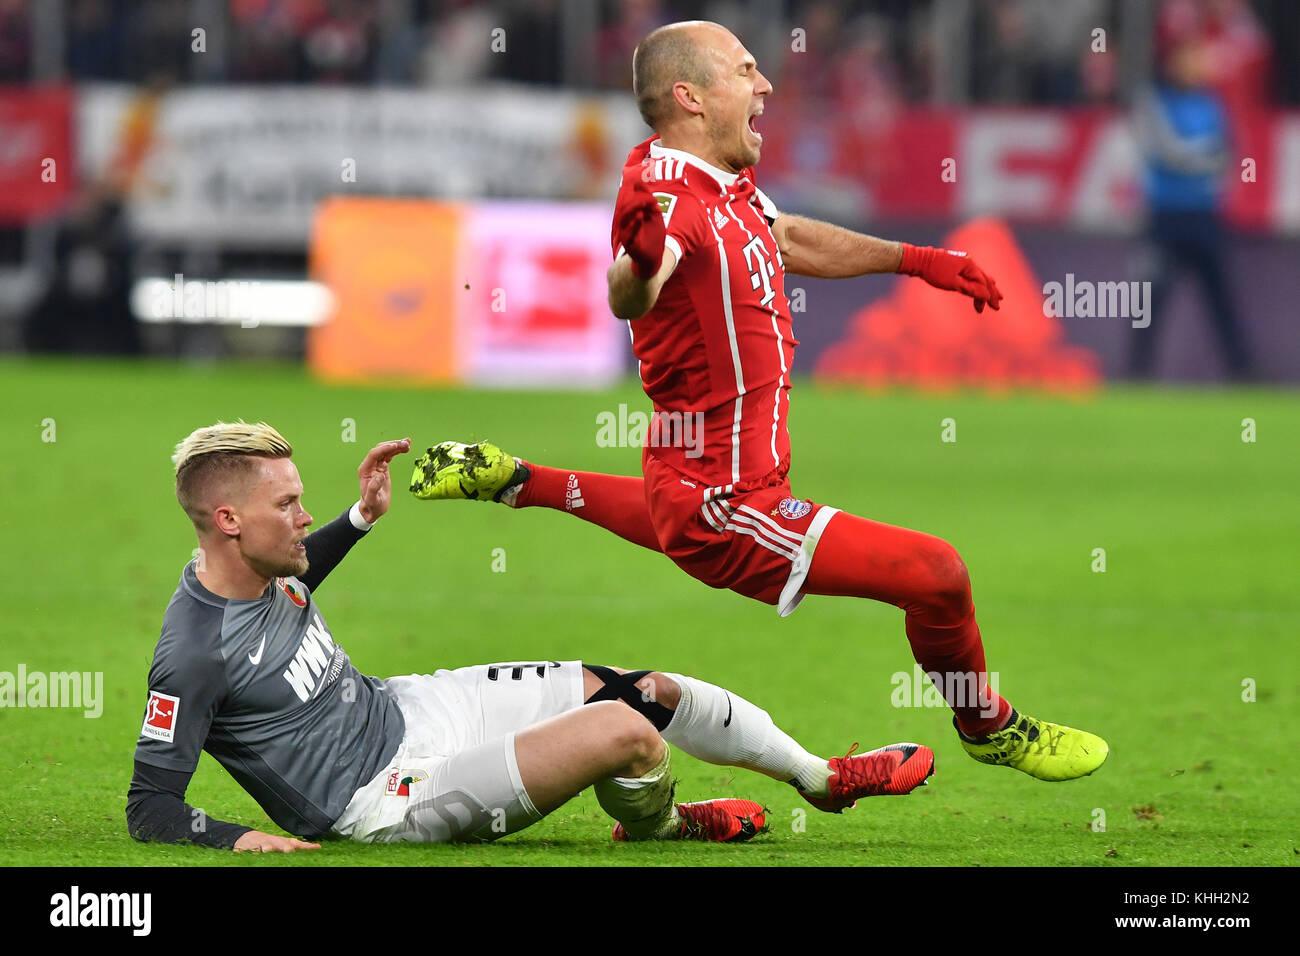 Philipp MAX (FC Augsburg), Aktion, duels versus Arjen ROBBEN (FC Bayern Munich). Fussball 1. Bundesliga, 12.Spieltag, - Stock Image